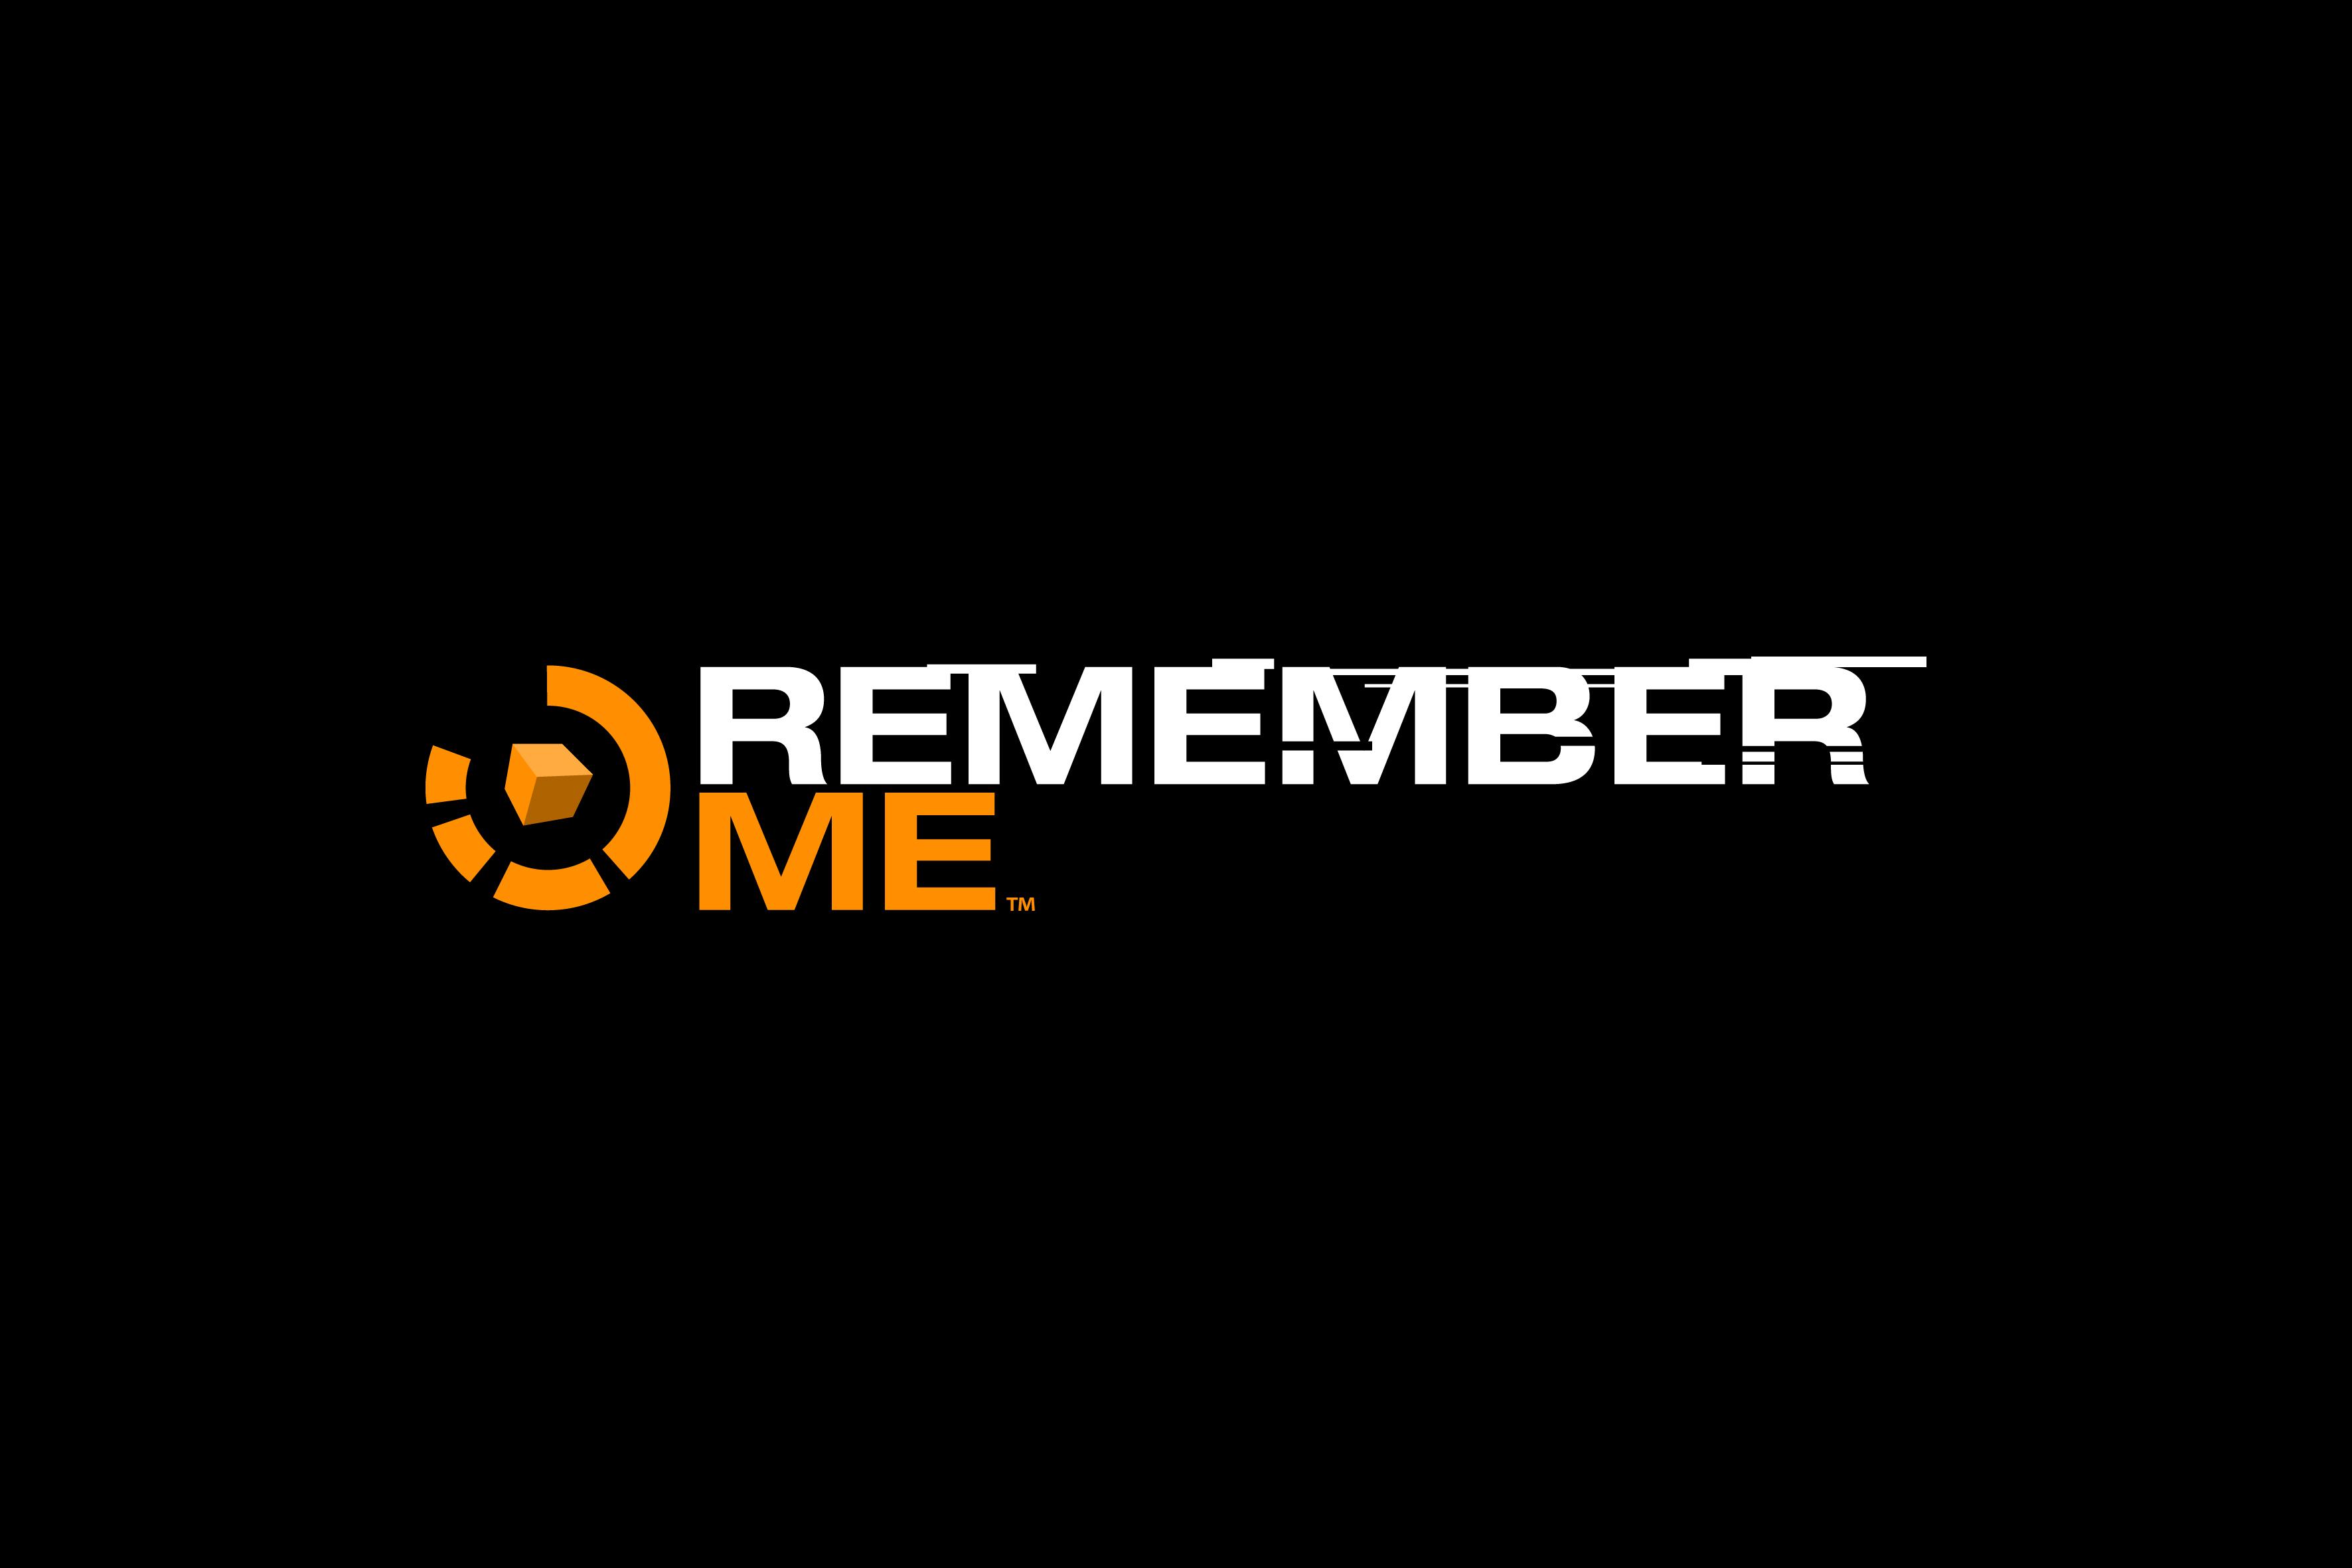 Remember_Me_Logo_black_bg